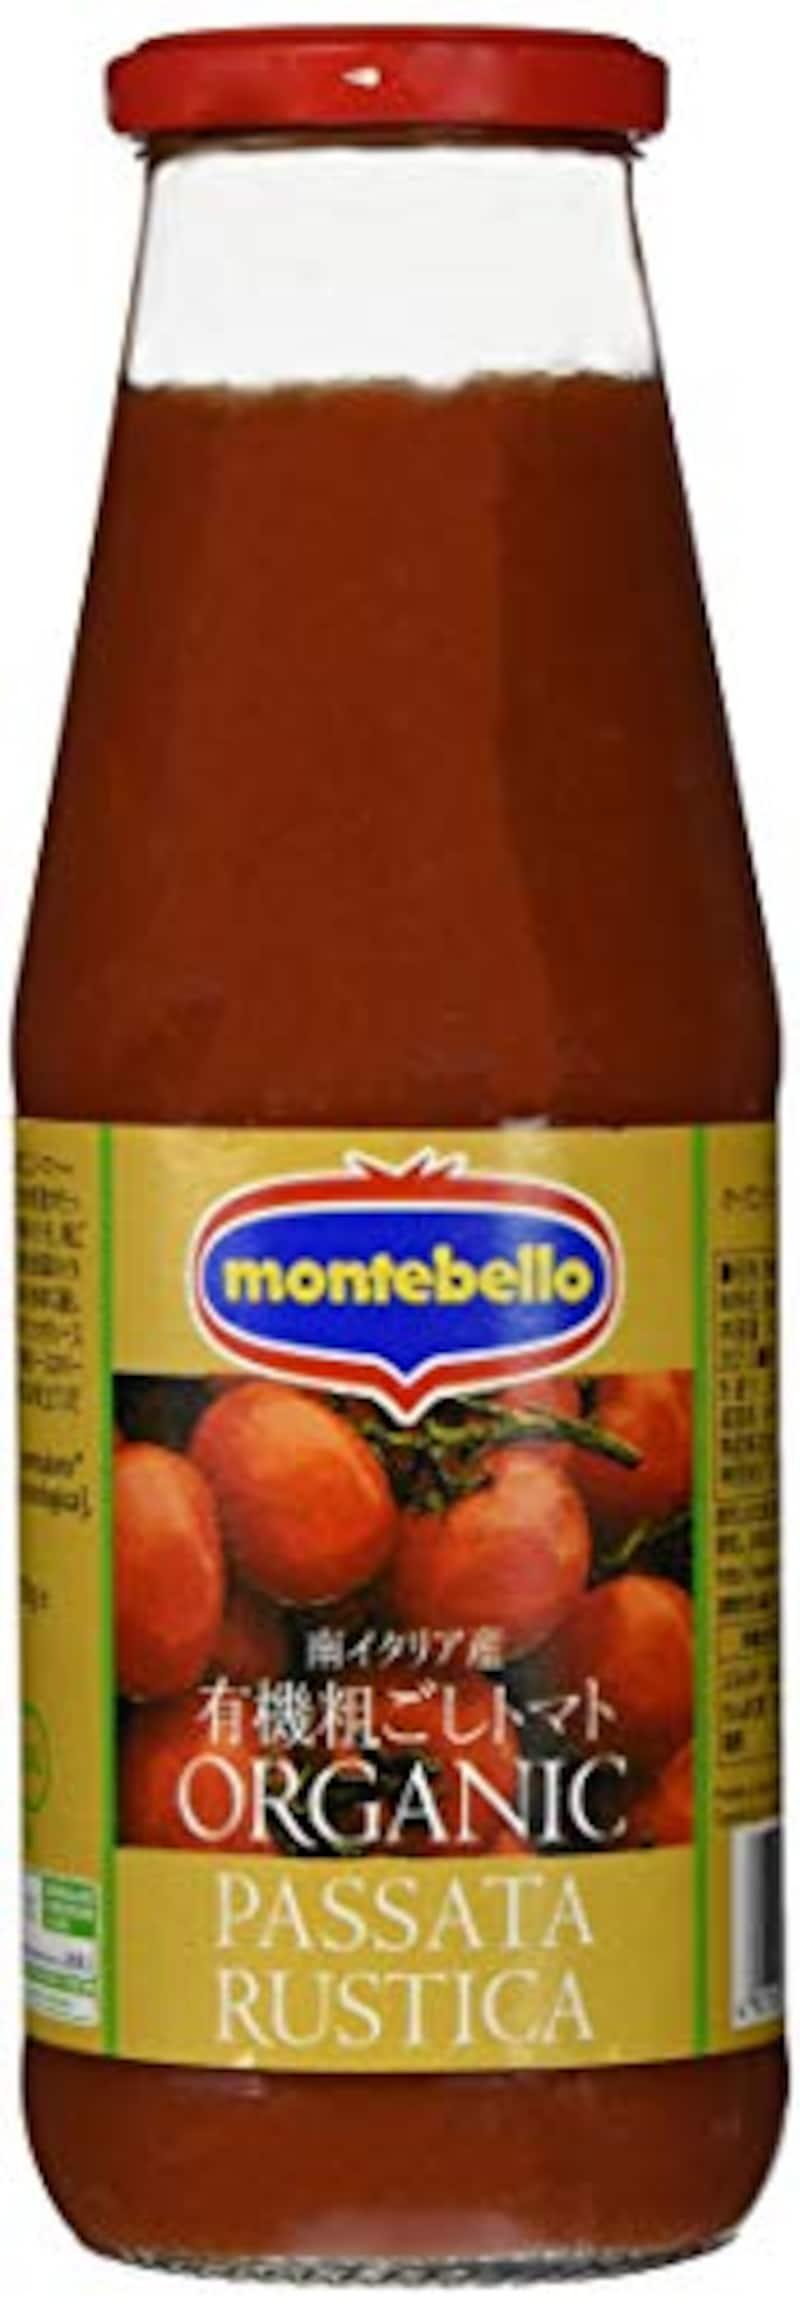 モンテベッロ,粗ごしトマトソース パッサータ ルスティカ